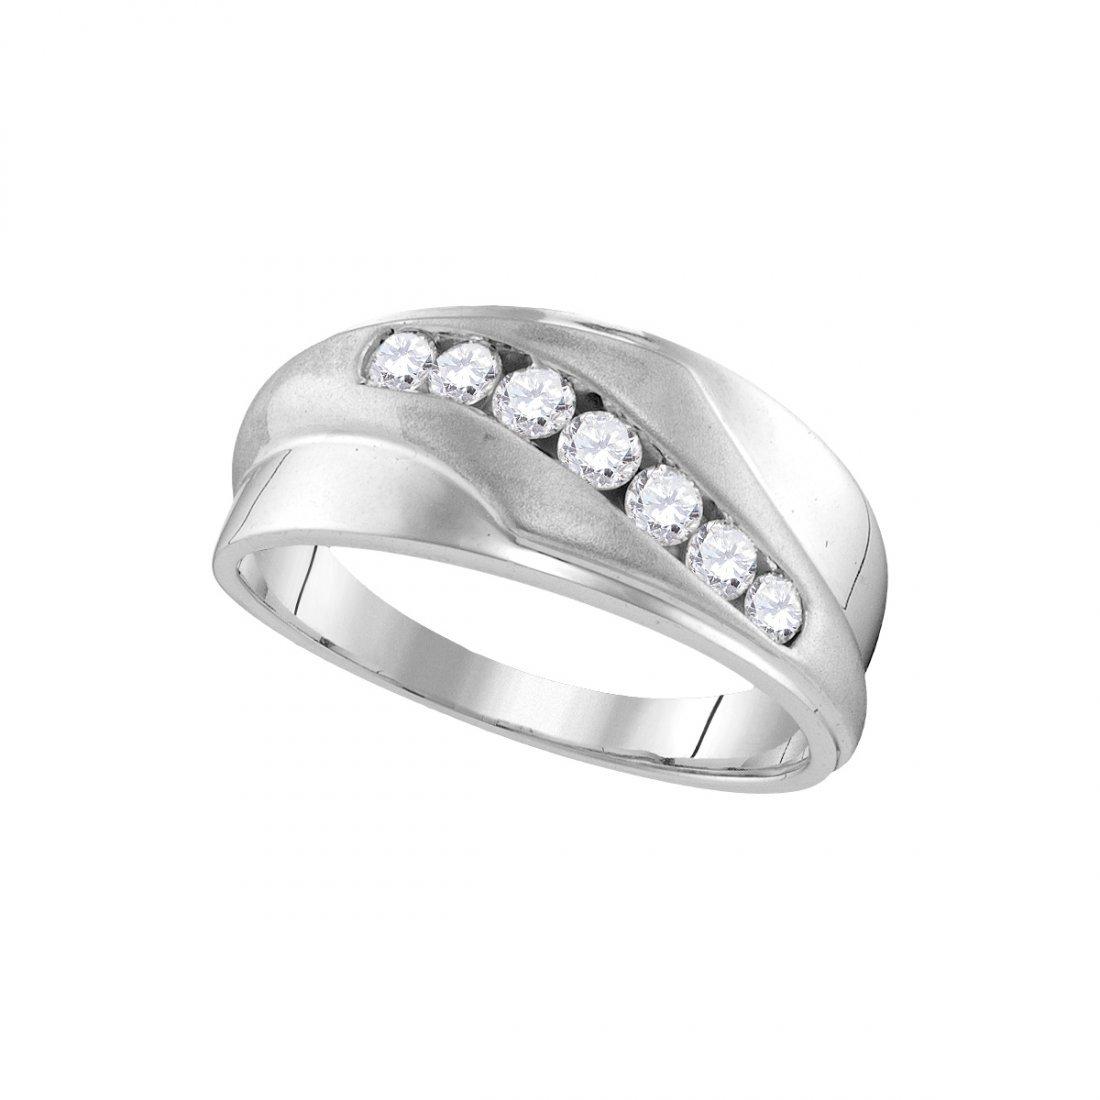 Genuine 0.50 CTW Diamond Men's Ring 10KT White Gold -